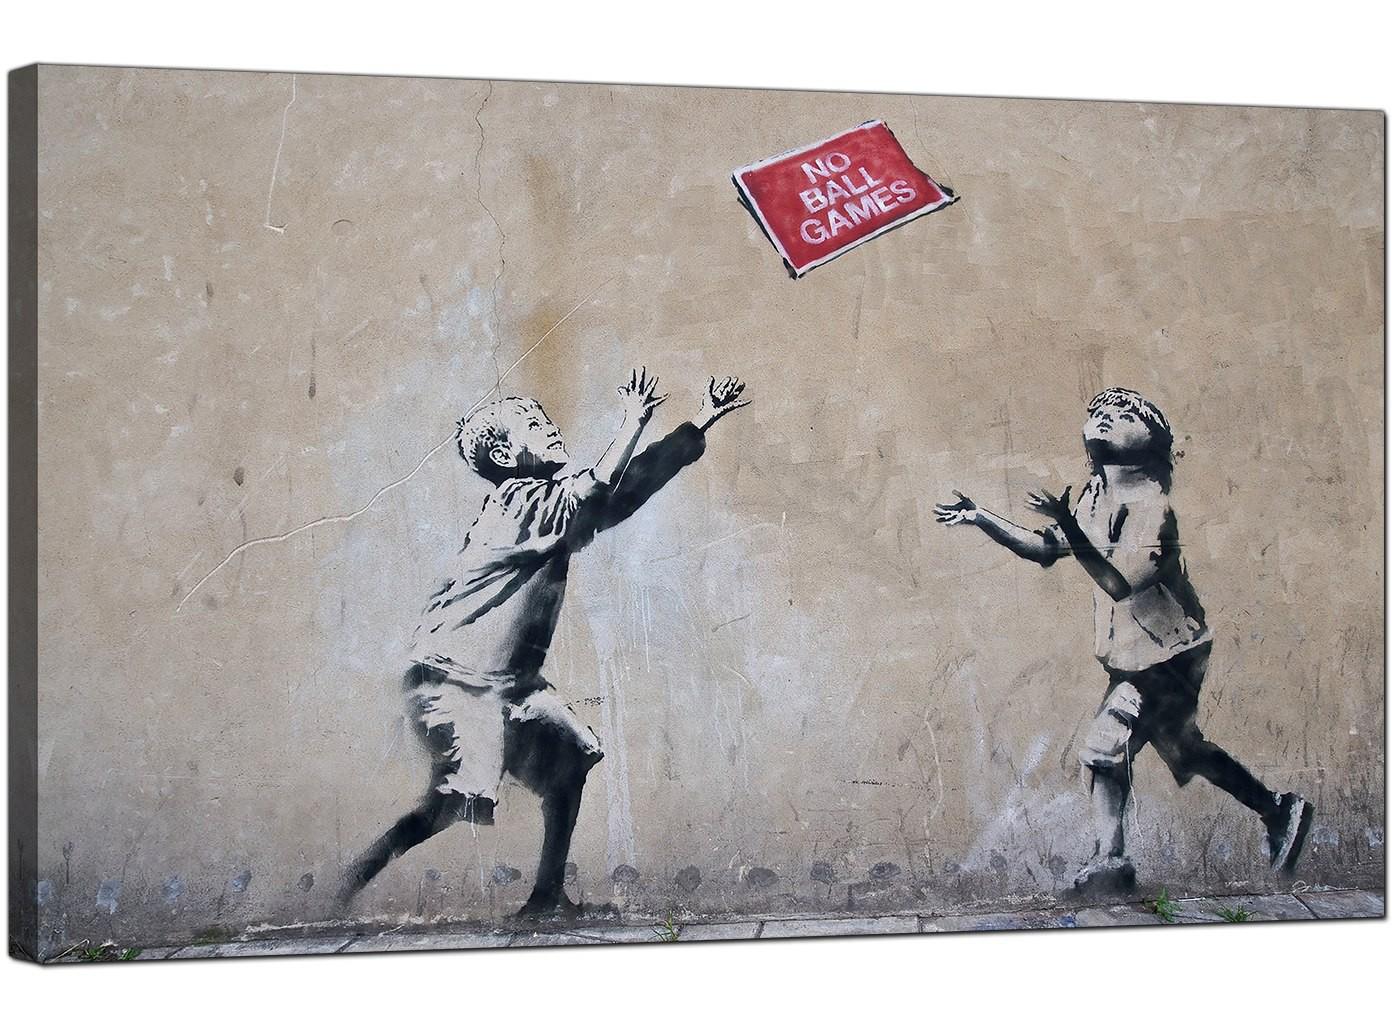 Red And Black Graffiti Wallpaper Banksy Canvas Prints No Ball Games